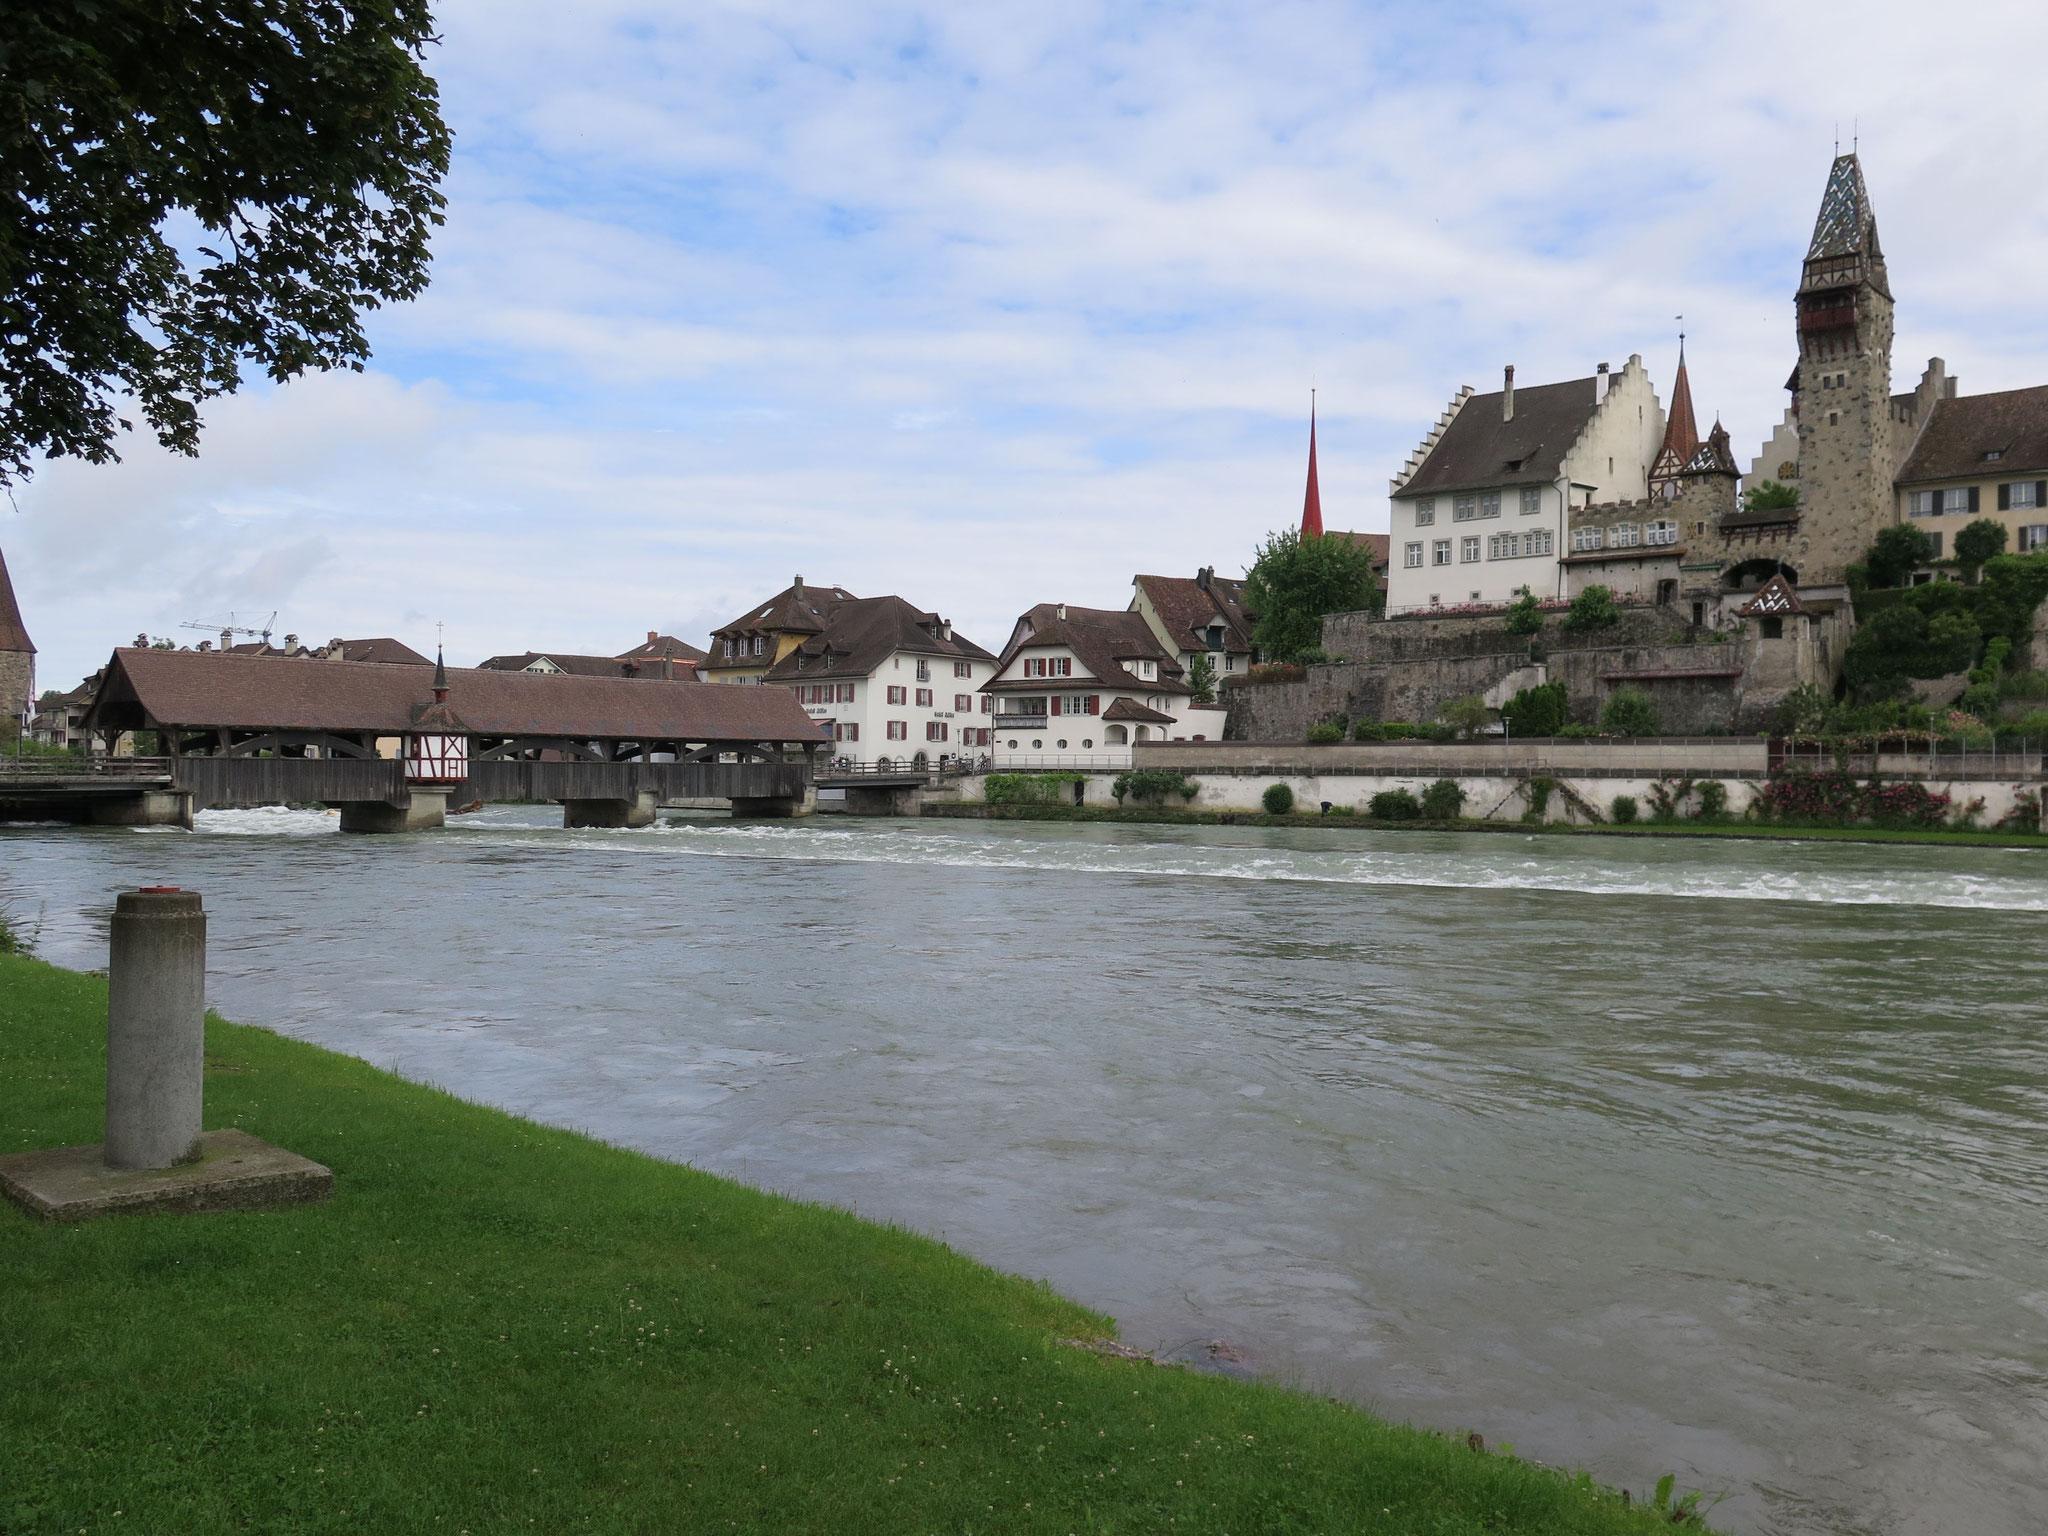 Wie derzeit alle Gewässer in der Schweiz führt auch die Reuss Hochwasser.